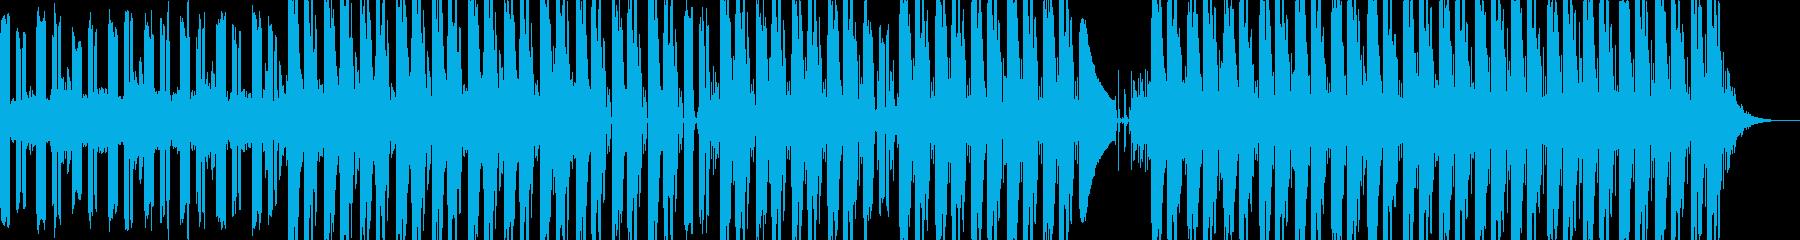 透明感のある音とビートが特徴的なポップスの再生済みの波形